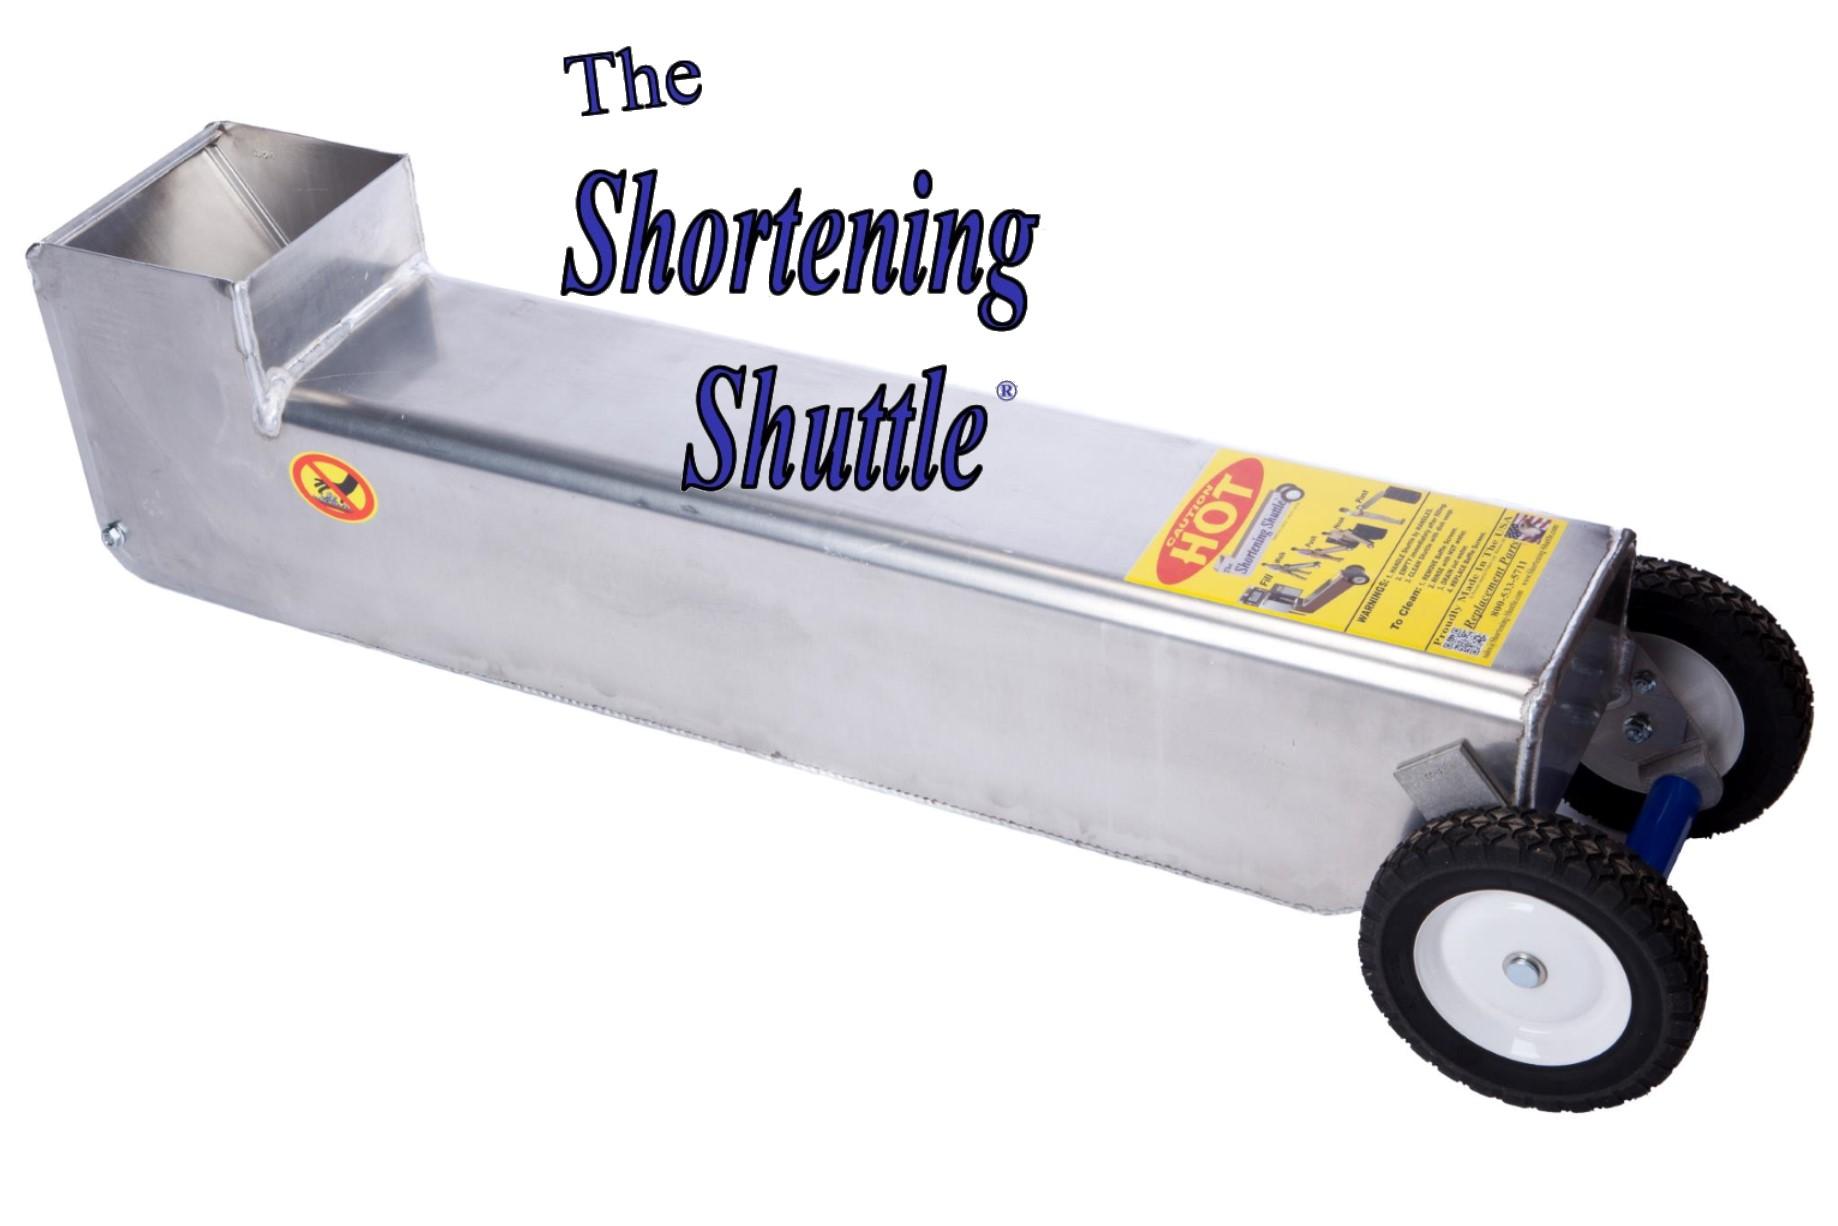 The Shortening Shuttle 174 The Cool Restaurant Catalog